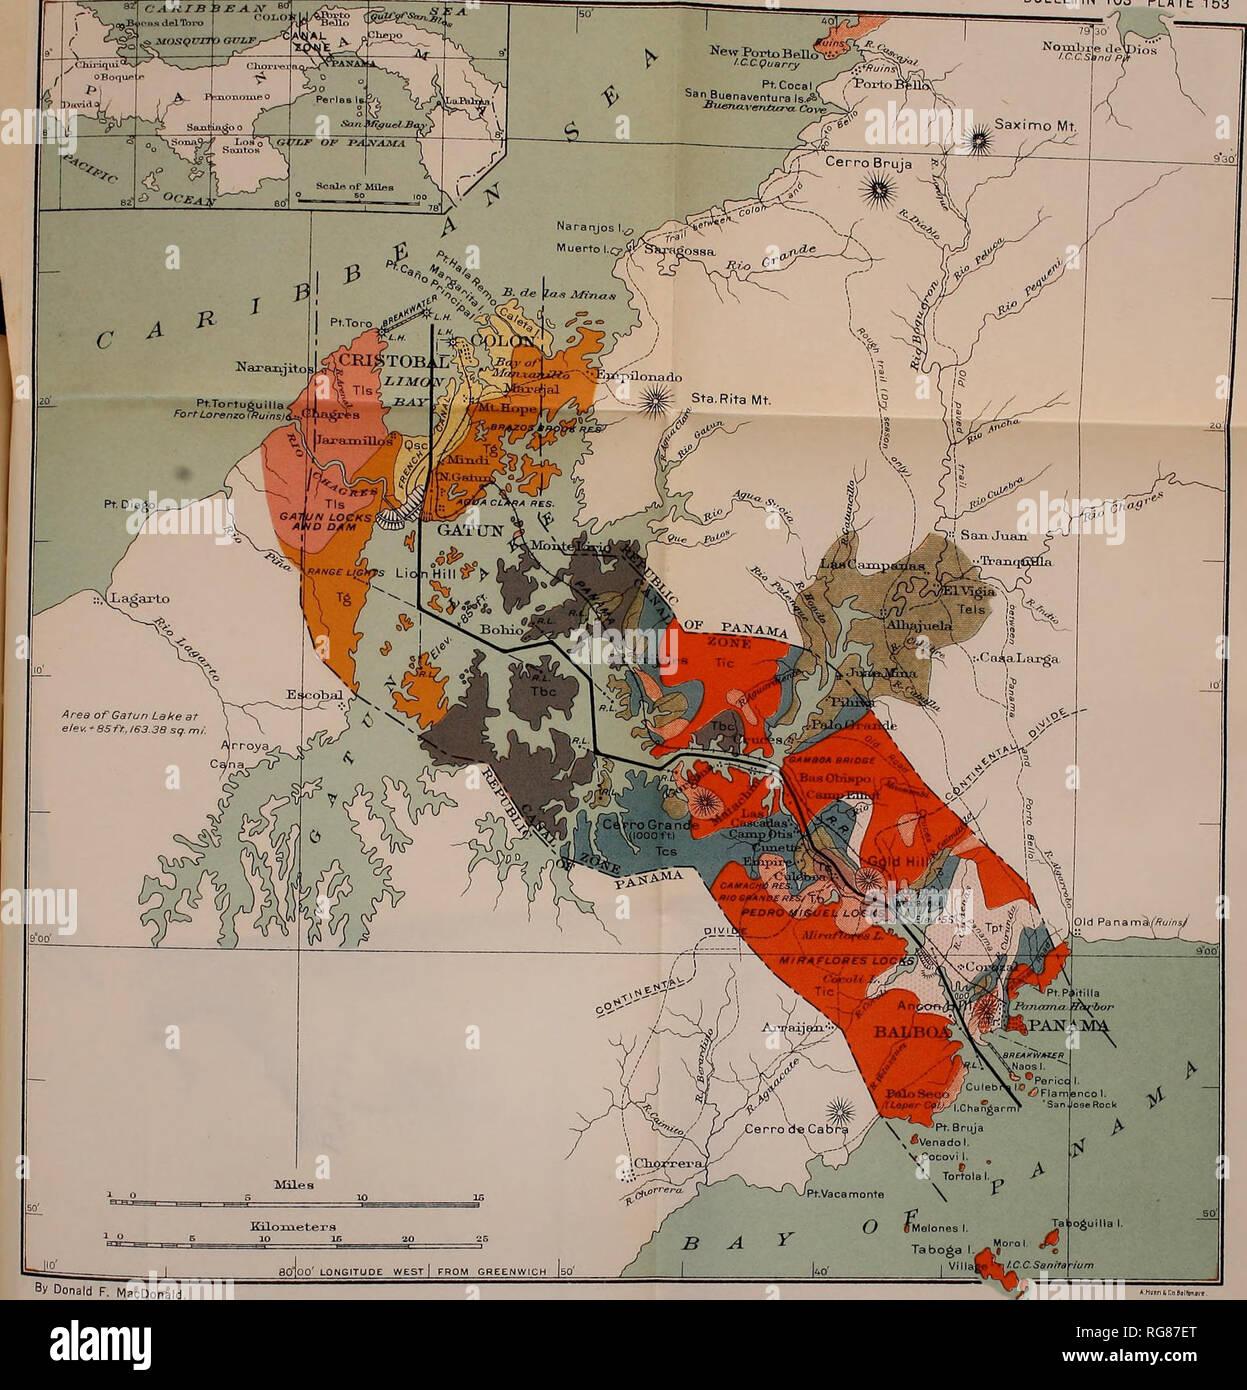 United States Geologic Map Stock Photos & United States ...